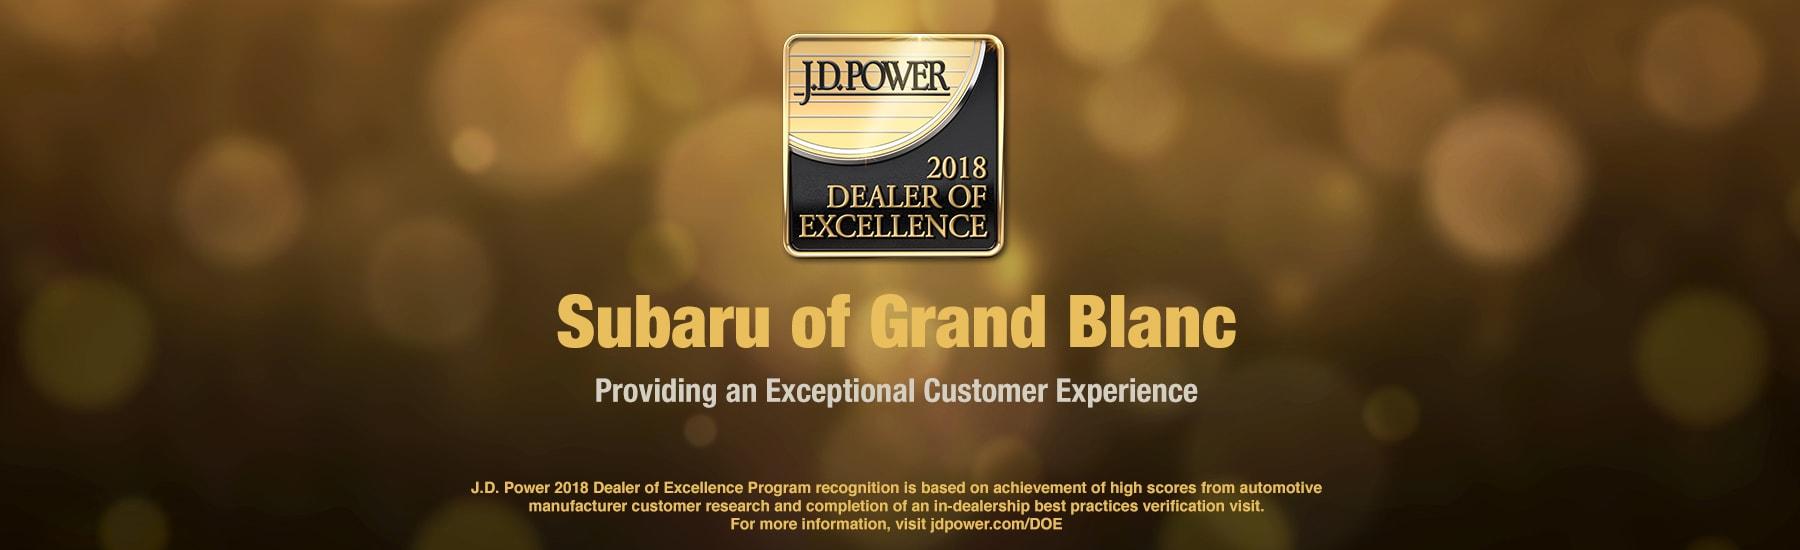 Al Serra Subaru >> New Subaru Used Car Dealer In Grand Blanc Mi Subaru Of Grand Blanc